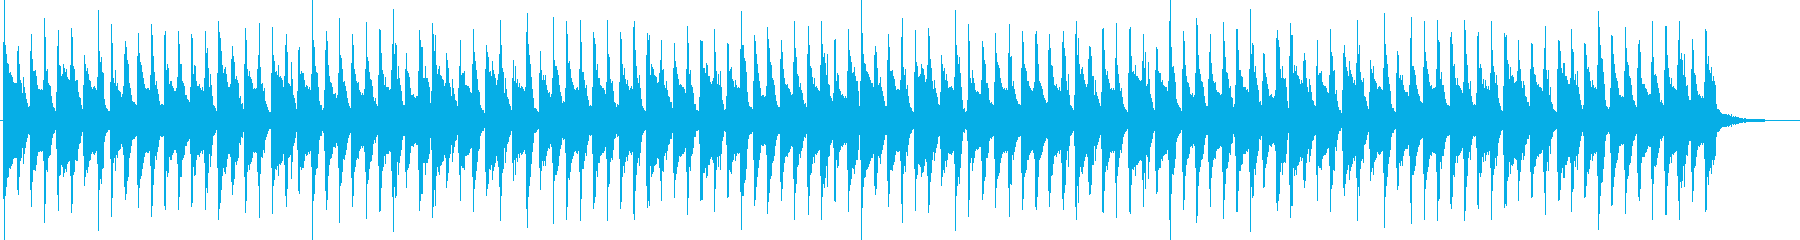 子供向けの陽気な雰囲気のジングル_ロングの再生済みの波形